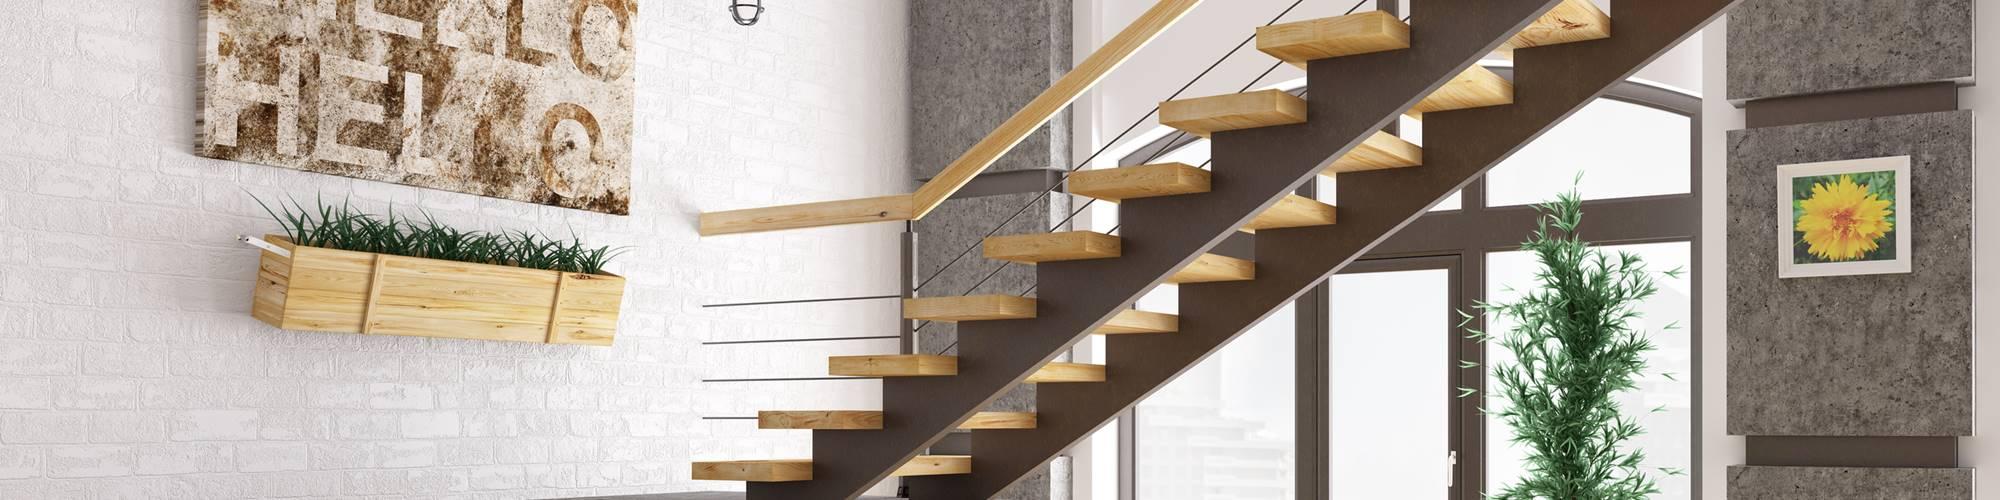 Innenarchitektur plan design for Architektur oder innenarchitektur